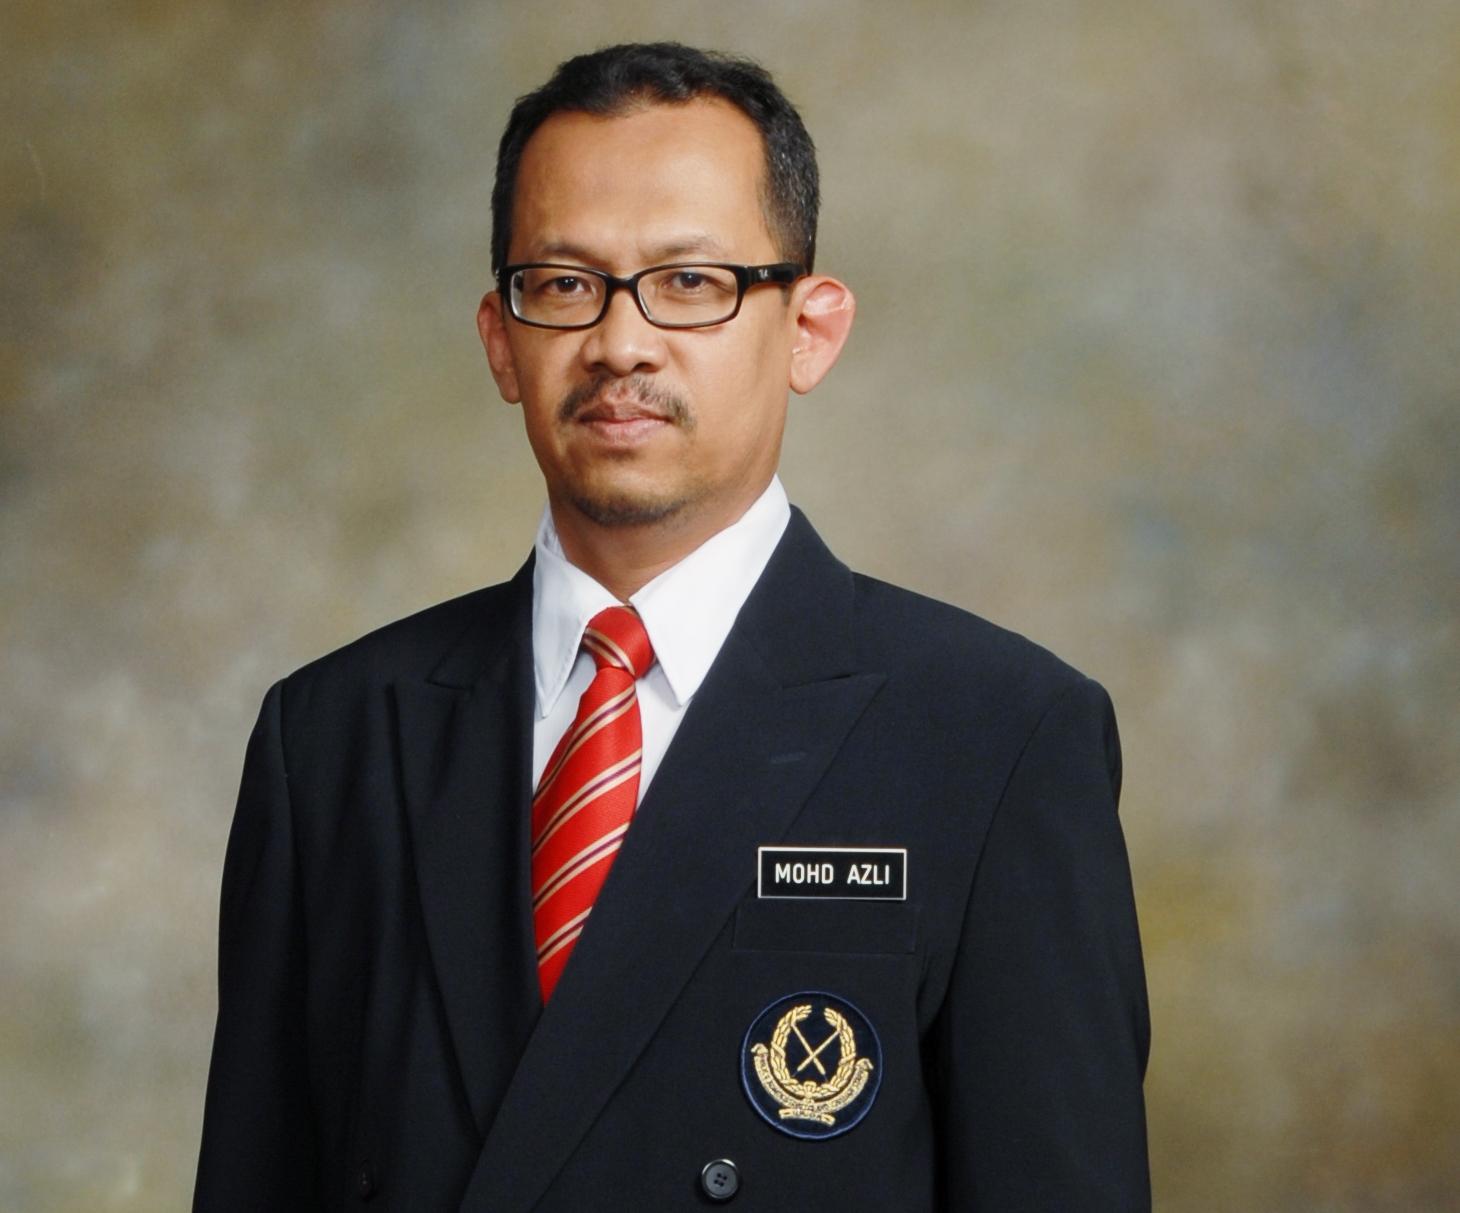 Mohd Azli Bin Suhaimi